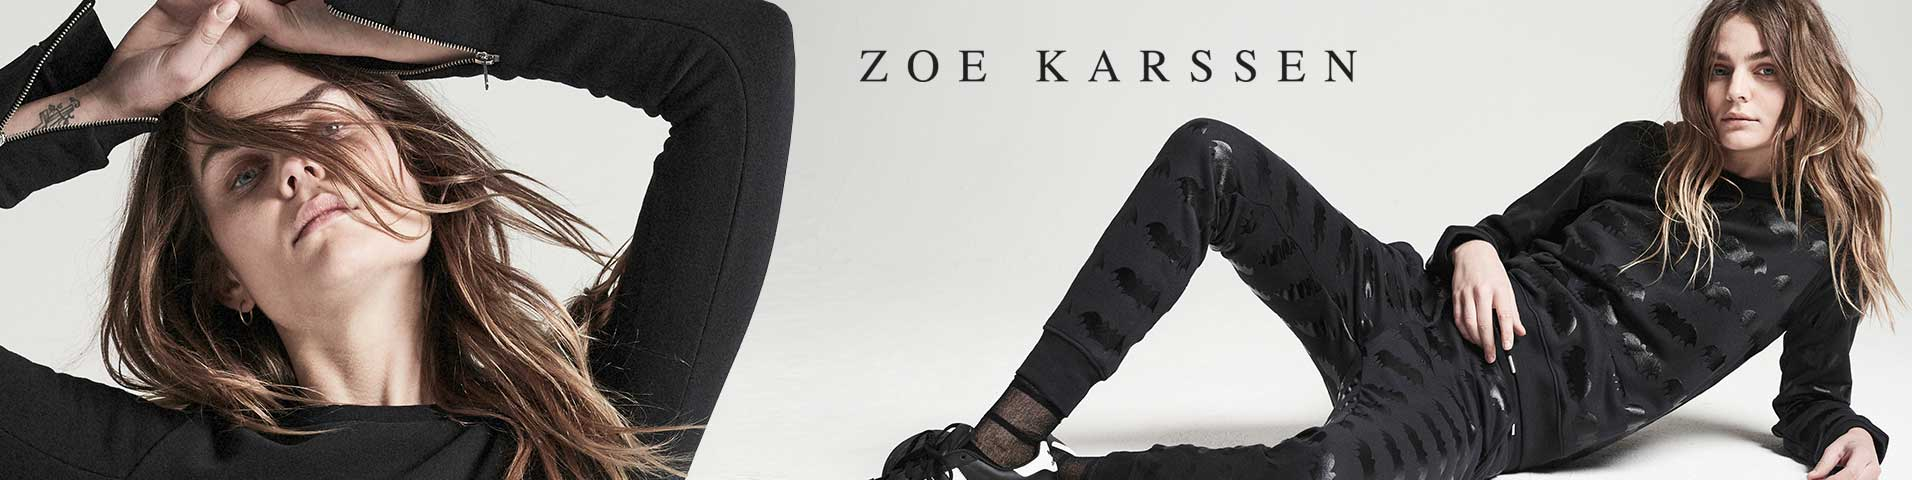 Zoe Karssen